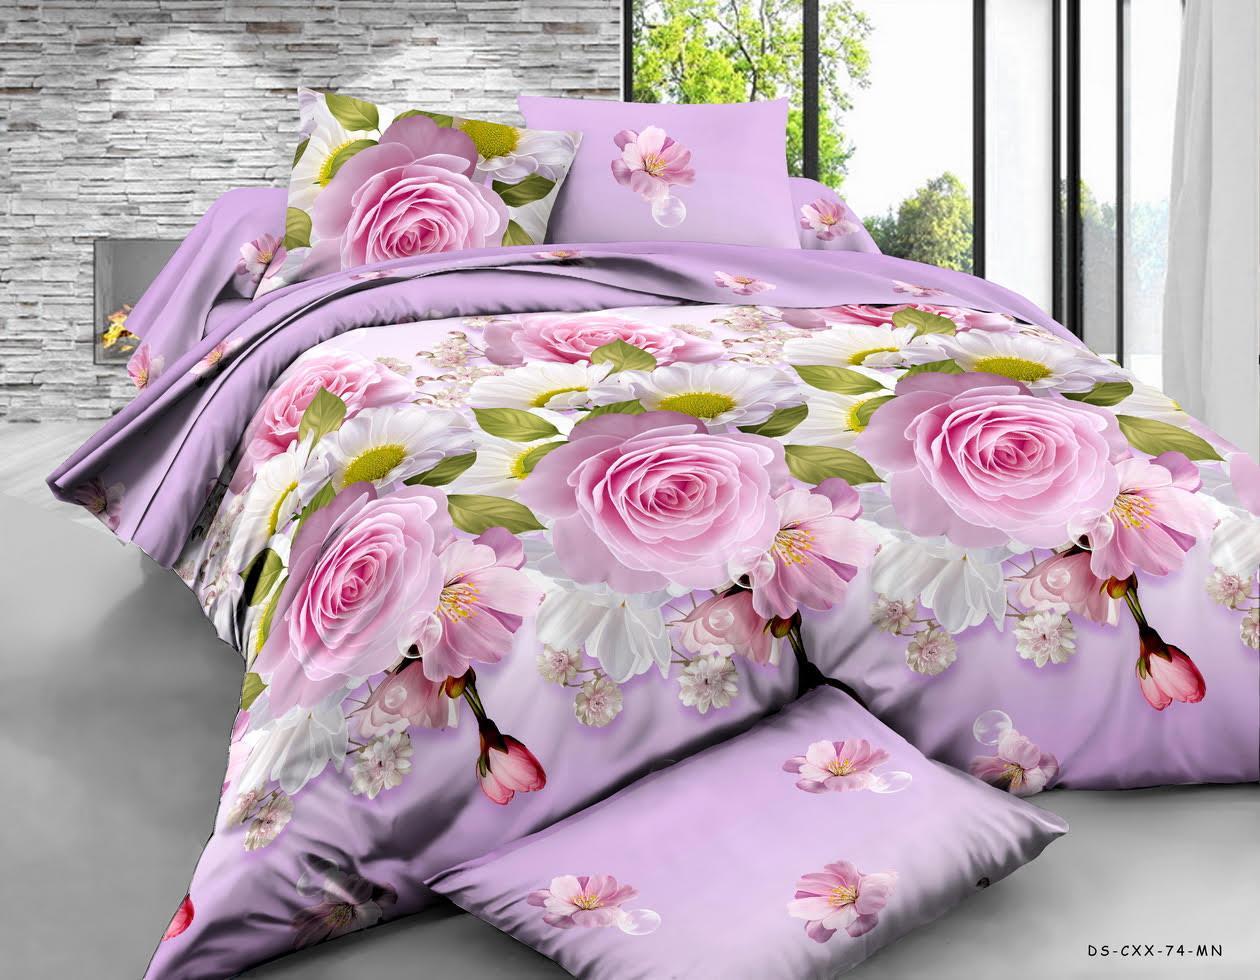 Двуспальный комплект 180х220 с евро простыней 240х220 Букет Цветов